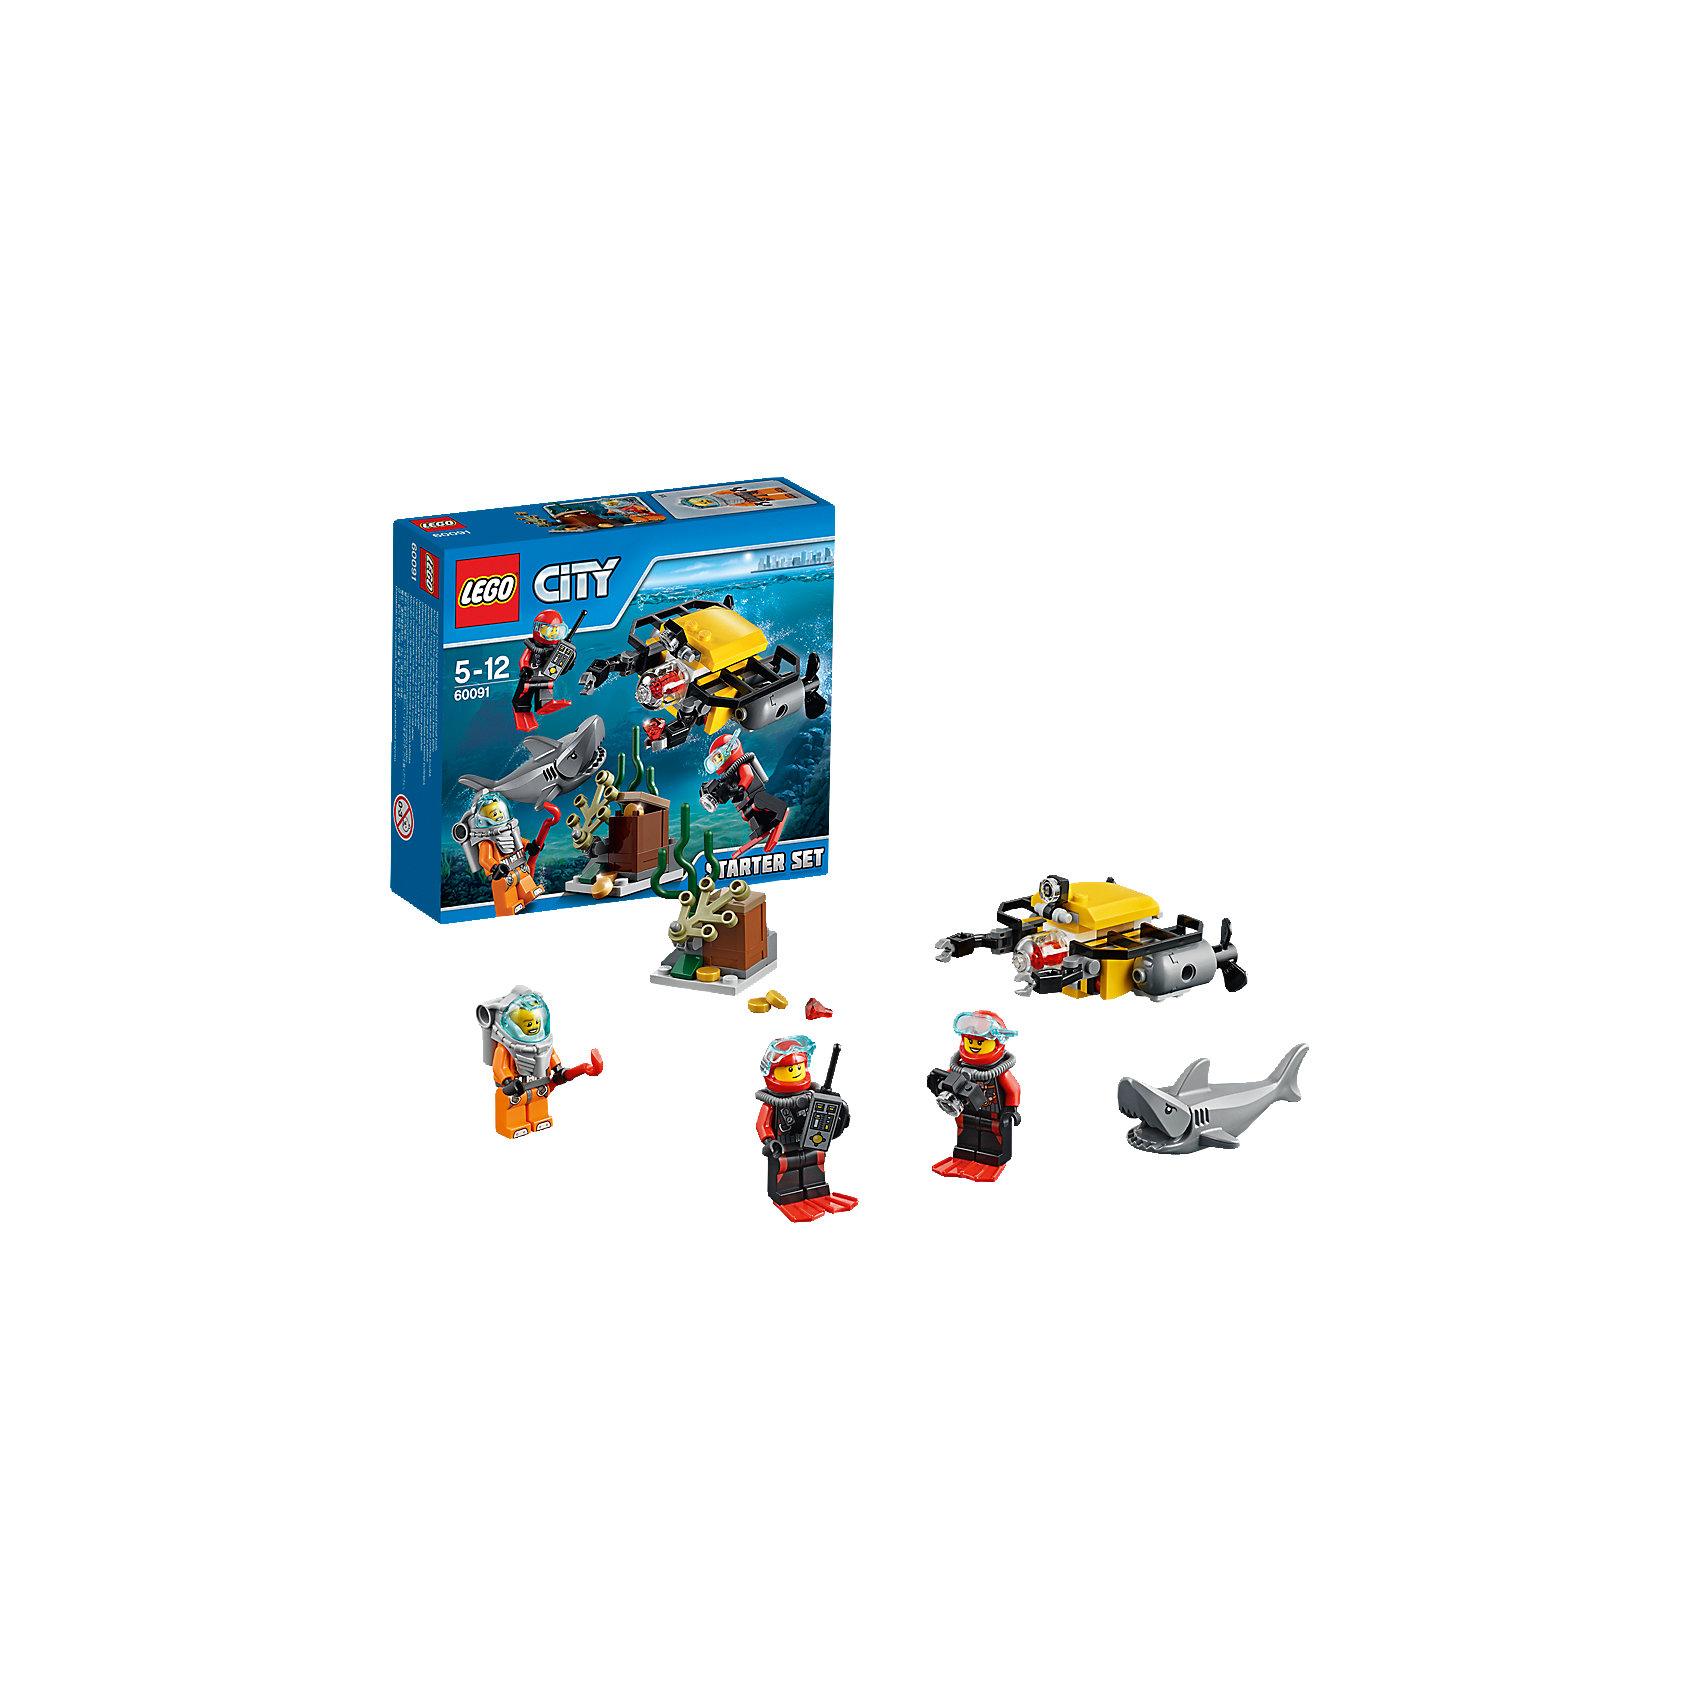 LEGO City 60091: Набор для начинающих «Исследование морских глубин»Замечательная новинка 2015 года от LEGO City (ЛЕГО Сити) 60091: Набор для начинающих «Исследование морских глубин». Ничего не бойся, покоряй морские глубины в поисках клада! Тебя обязательно ждут захватывающие приключения! Храбрые ныряльщики с аквалангами нашли на дне среди водорослей большой сундук. Теперь им необходима подмога, чтобы доставить сокровища на берег. Из деталей набора можно собрать суперсовременную подлодку с дистанционным управлением. Она спускается на дно, подсвечивая себе путь мощным прожектором. Ее роботизированные захваты смогут прорваться через плотные ряды водорослей и закрепят тяжелый сундук, чтобы поднять его наверх. Но нельзя безнаказанно нарушать покой морских глубин: ныряльщики потревожили акулу, которая незаметно выплыла из морской пучины. Отважным кладоискателям нужно действовать стремительно, чтобы справиться с хищником и добыть сокровища.<br><br>В необычном городе LEGO City непременно найдется место и строгим полицейским, и доброжелательным местным жителям, и заботливым работникам скорой помощи, а также всевозможным животным и красивым цветам и растениям. Используя детали из серии LEGO City (ЛЕГО Сити) можно создать практически любой сюжет городской жизни мегаполиса. Подсерия LEGO City (ЛЕГО Сити) Дайвинг включает в себя наборы, посвященные подводным приключениям. Каждый набор позволяет собрать интересную модель, а также предлагает игровые минифигурки и тематические аксессуары.<br><br>Дополнительная информация:<br><br>- Конструкторы LEGO City (ЛЕГО Сити) развивают тактильные ощущения и помогают ребенку познавать строение мира;<br>- Количество деталей: 90 шт;<br>- В набор входит 3 минифигурки: глубоководный ныряльщик, 2 аквалангиста;<br>- Серия: LEGO City (ЛЕГО Сити);<br>- Материал: пластик;<br>- Размер упаковки: 15,7 х 14,1 х 4,5 см;<br>- Вес: 0,4 кг<br><br>Конструктор LEGO City (ЛЕГО Сити) 60091: Набор для начинающих «Исследование морских глубин», можно купить в нашем 